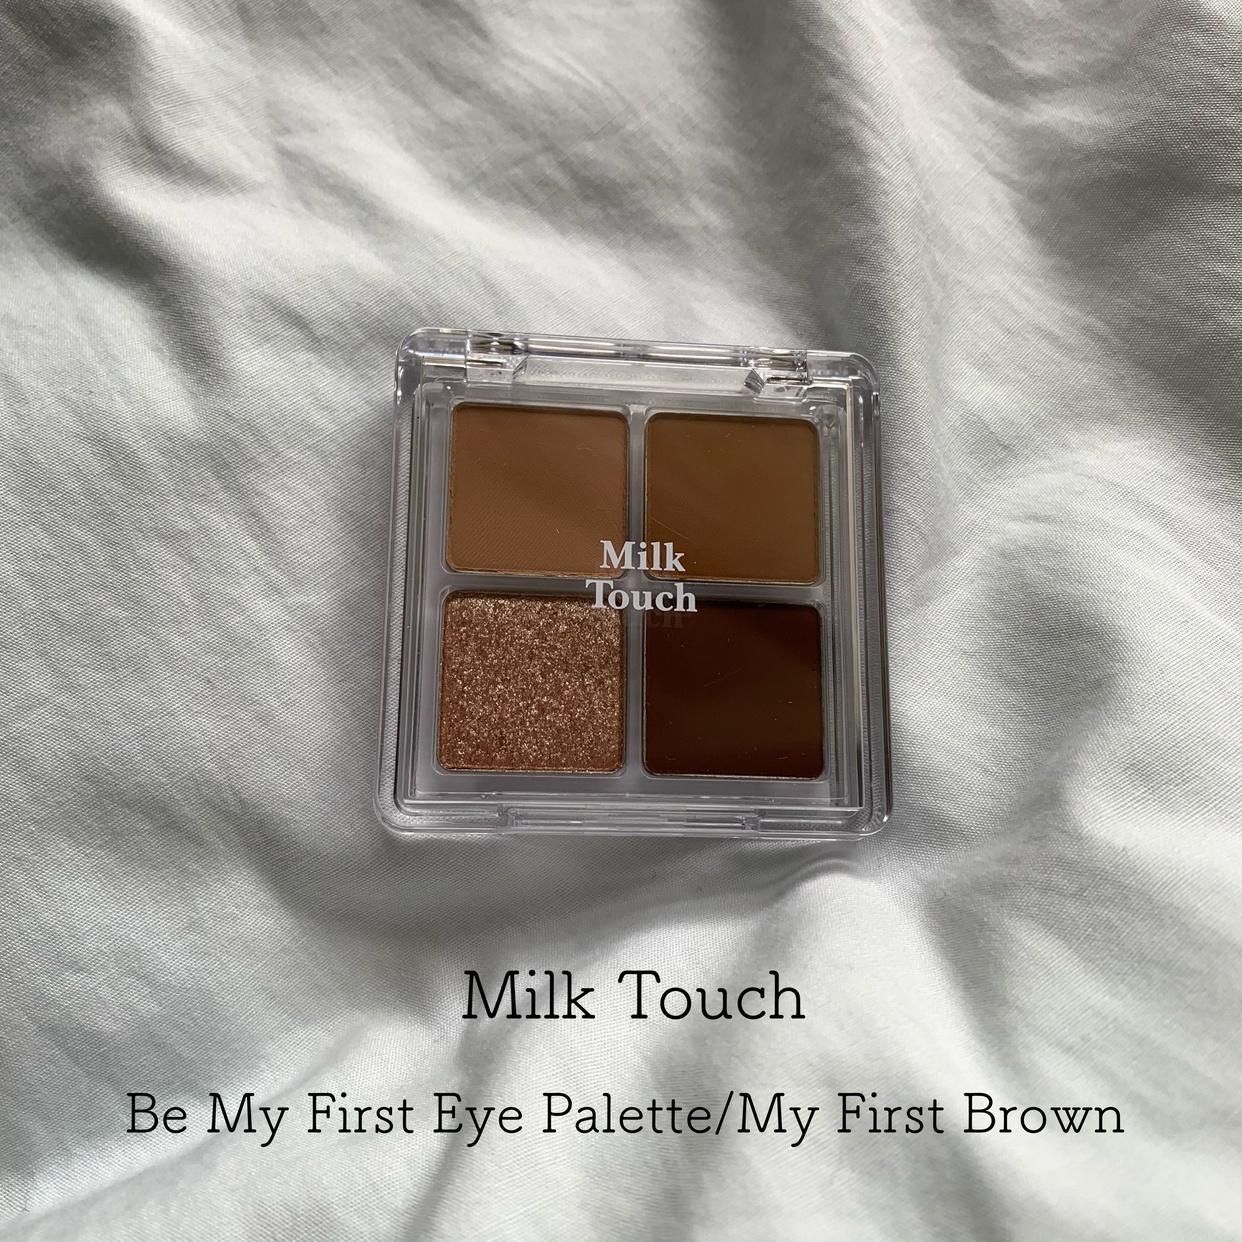 Milk Touch(ミルクタッチ) ビーマイファーストアイパレットを使ったとあさんのクチコミ画像1